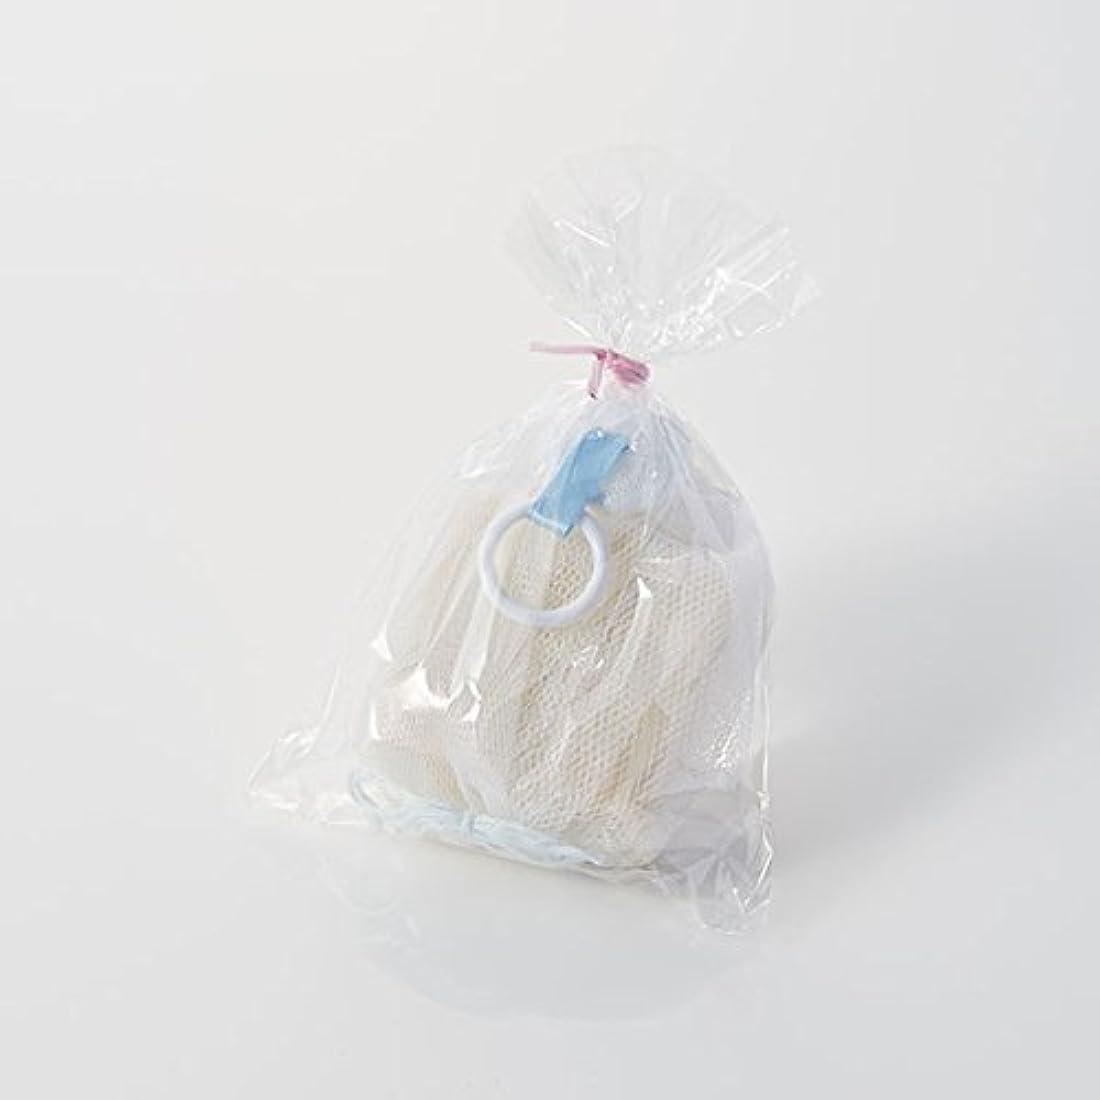 過敏な土器ゲーム100% バージンオリーブオイル石鹸 B.C.4000 オーガニック せっけん 100g 1個 ネット入り